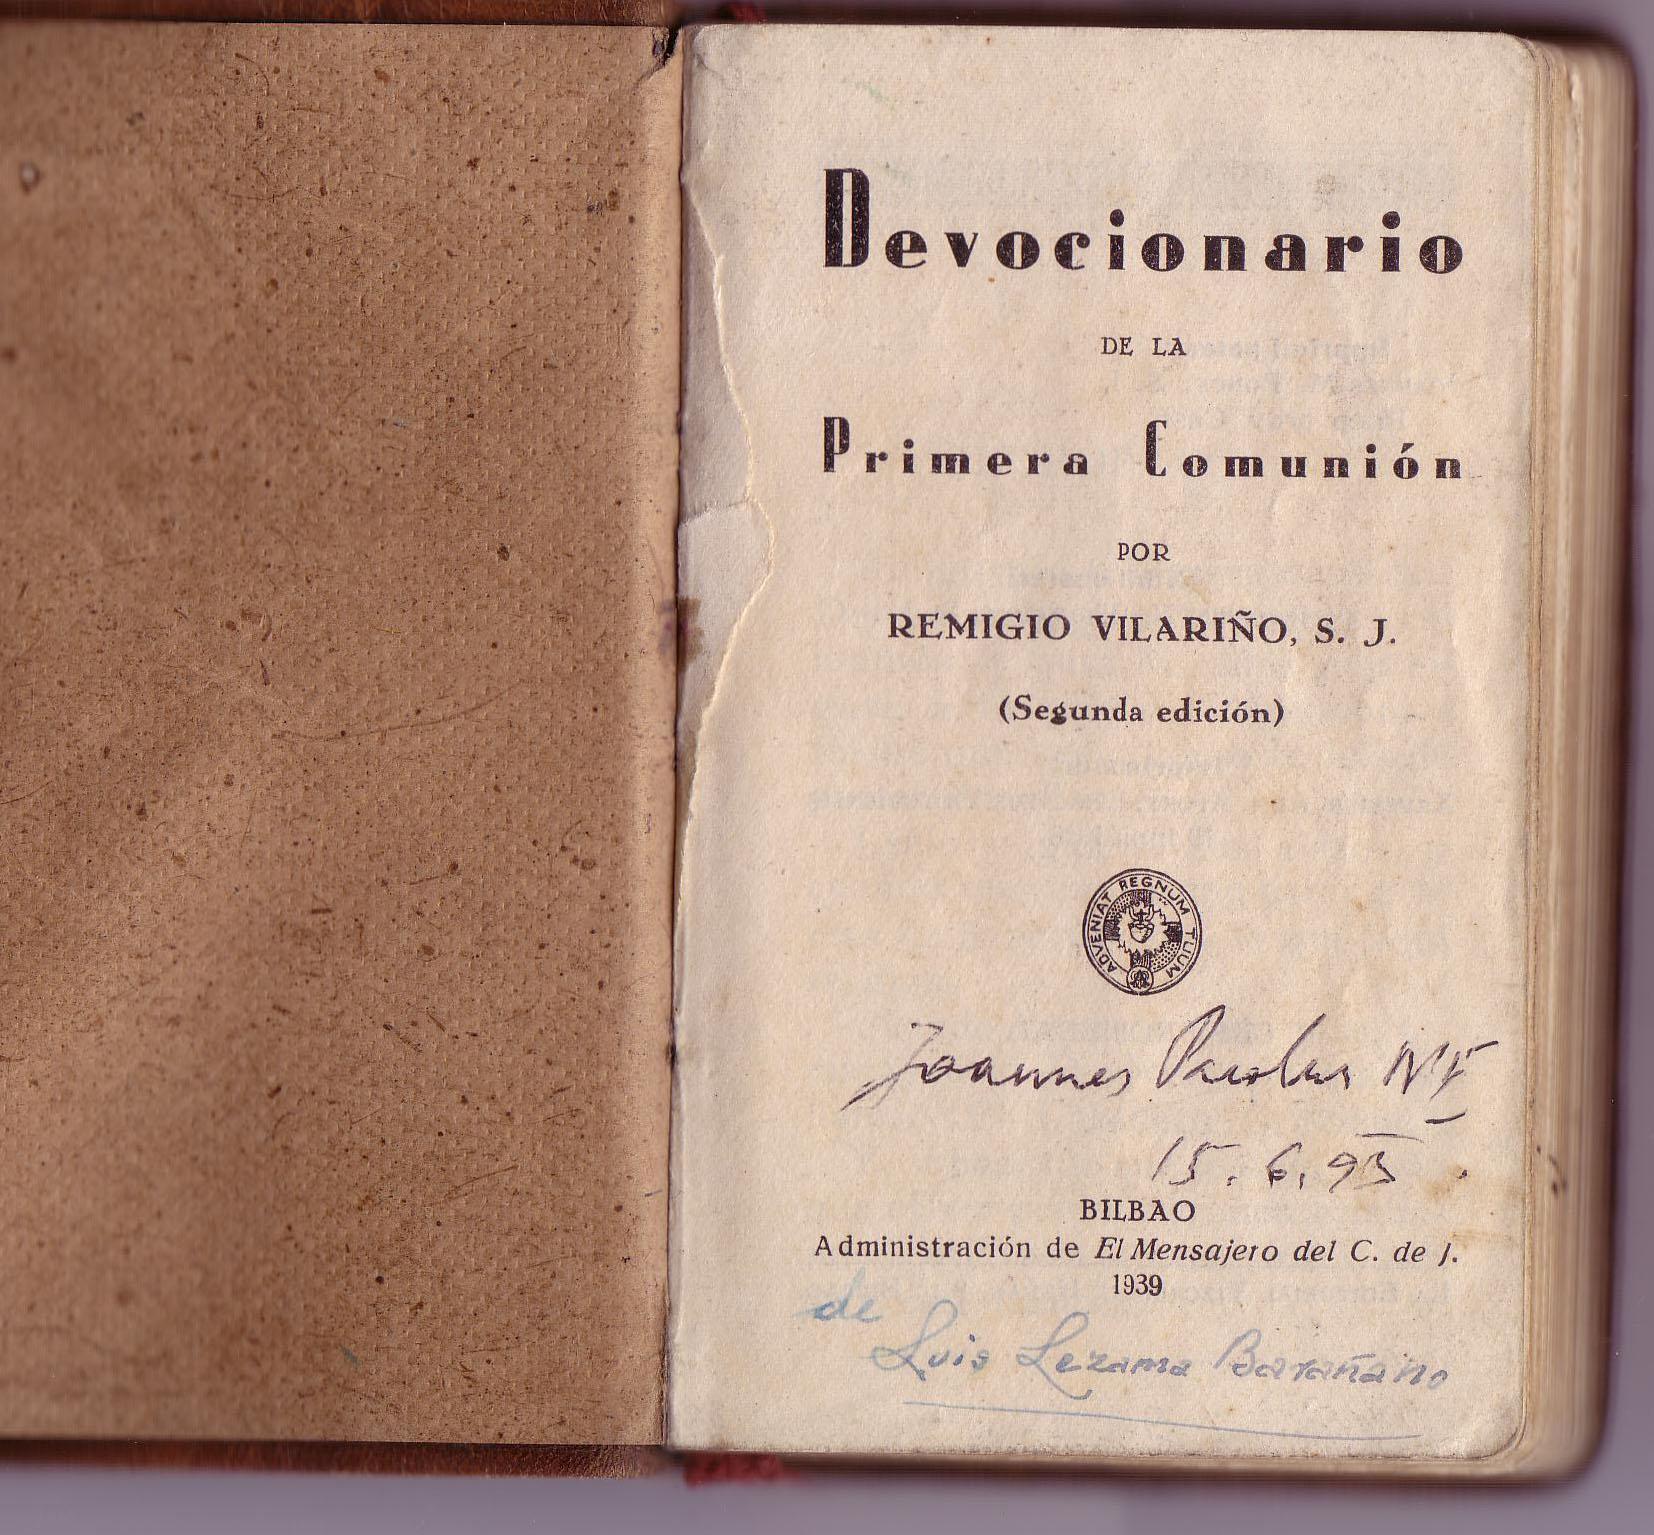 Devocionario D. Luis Lezama0002